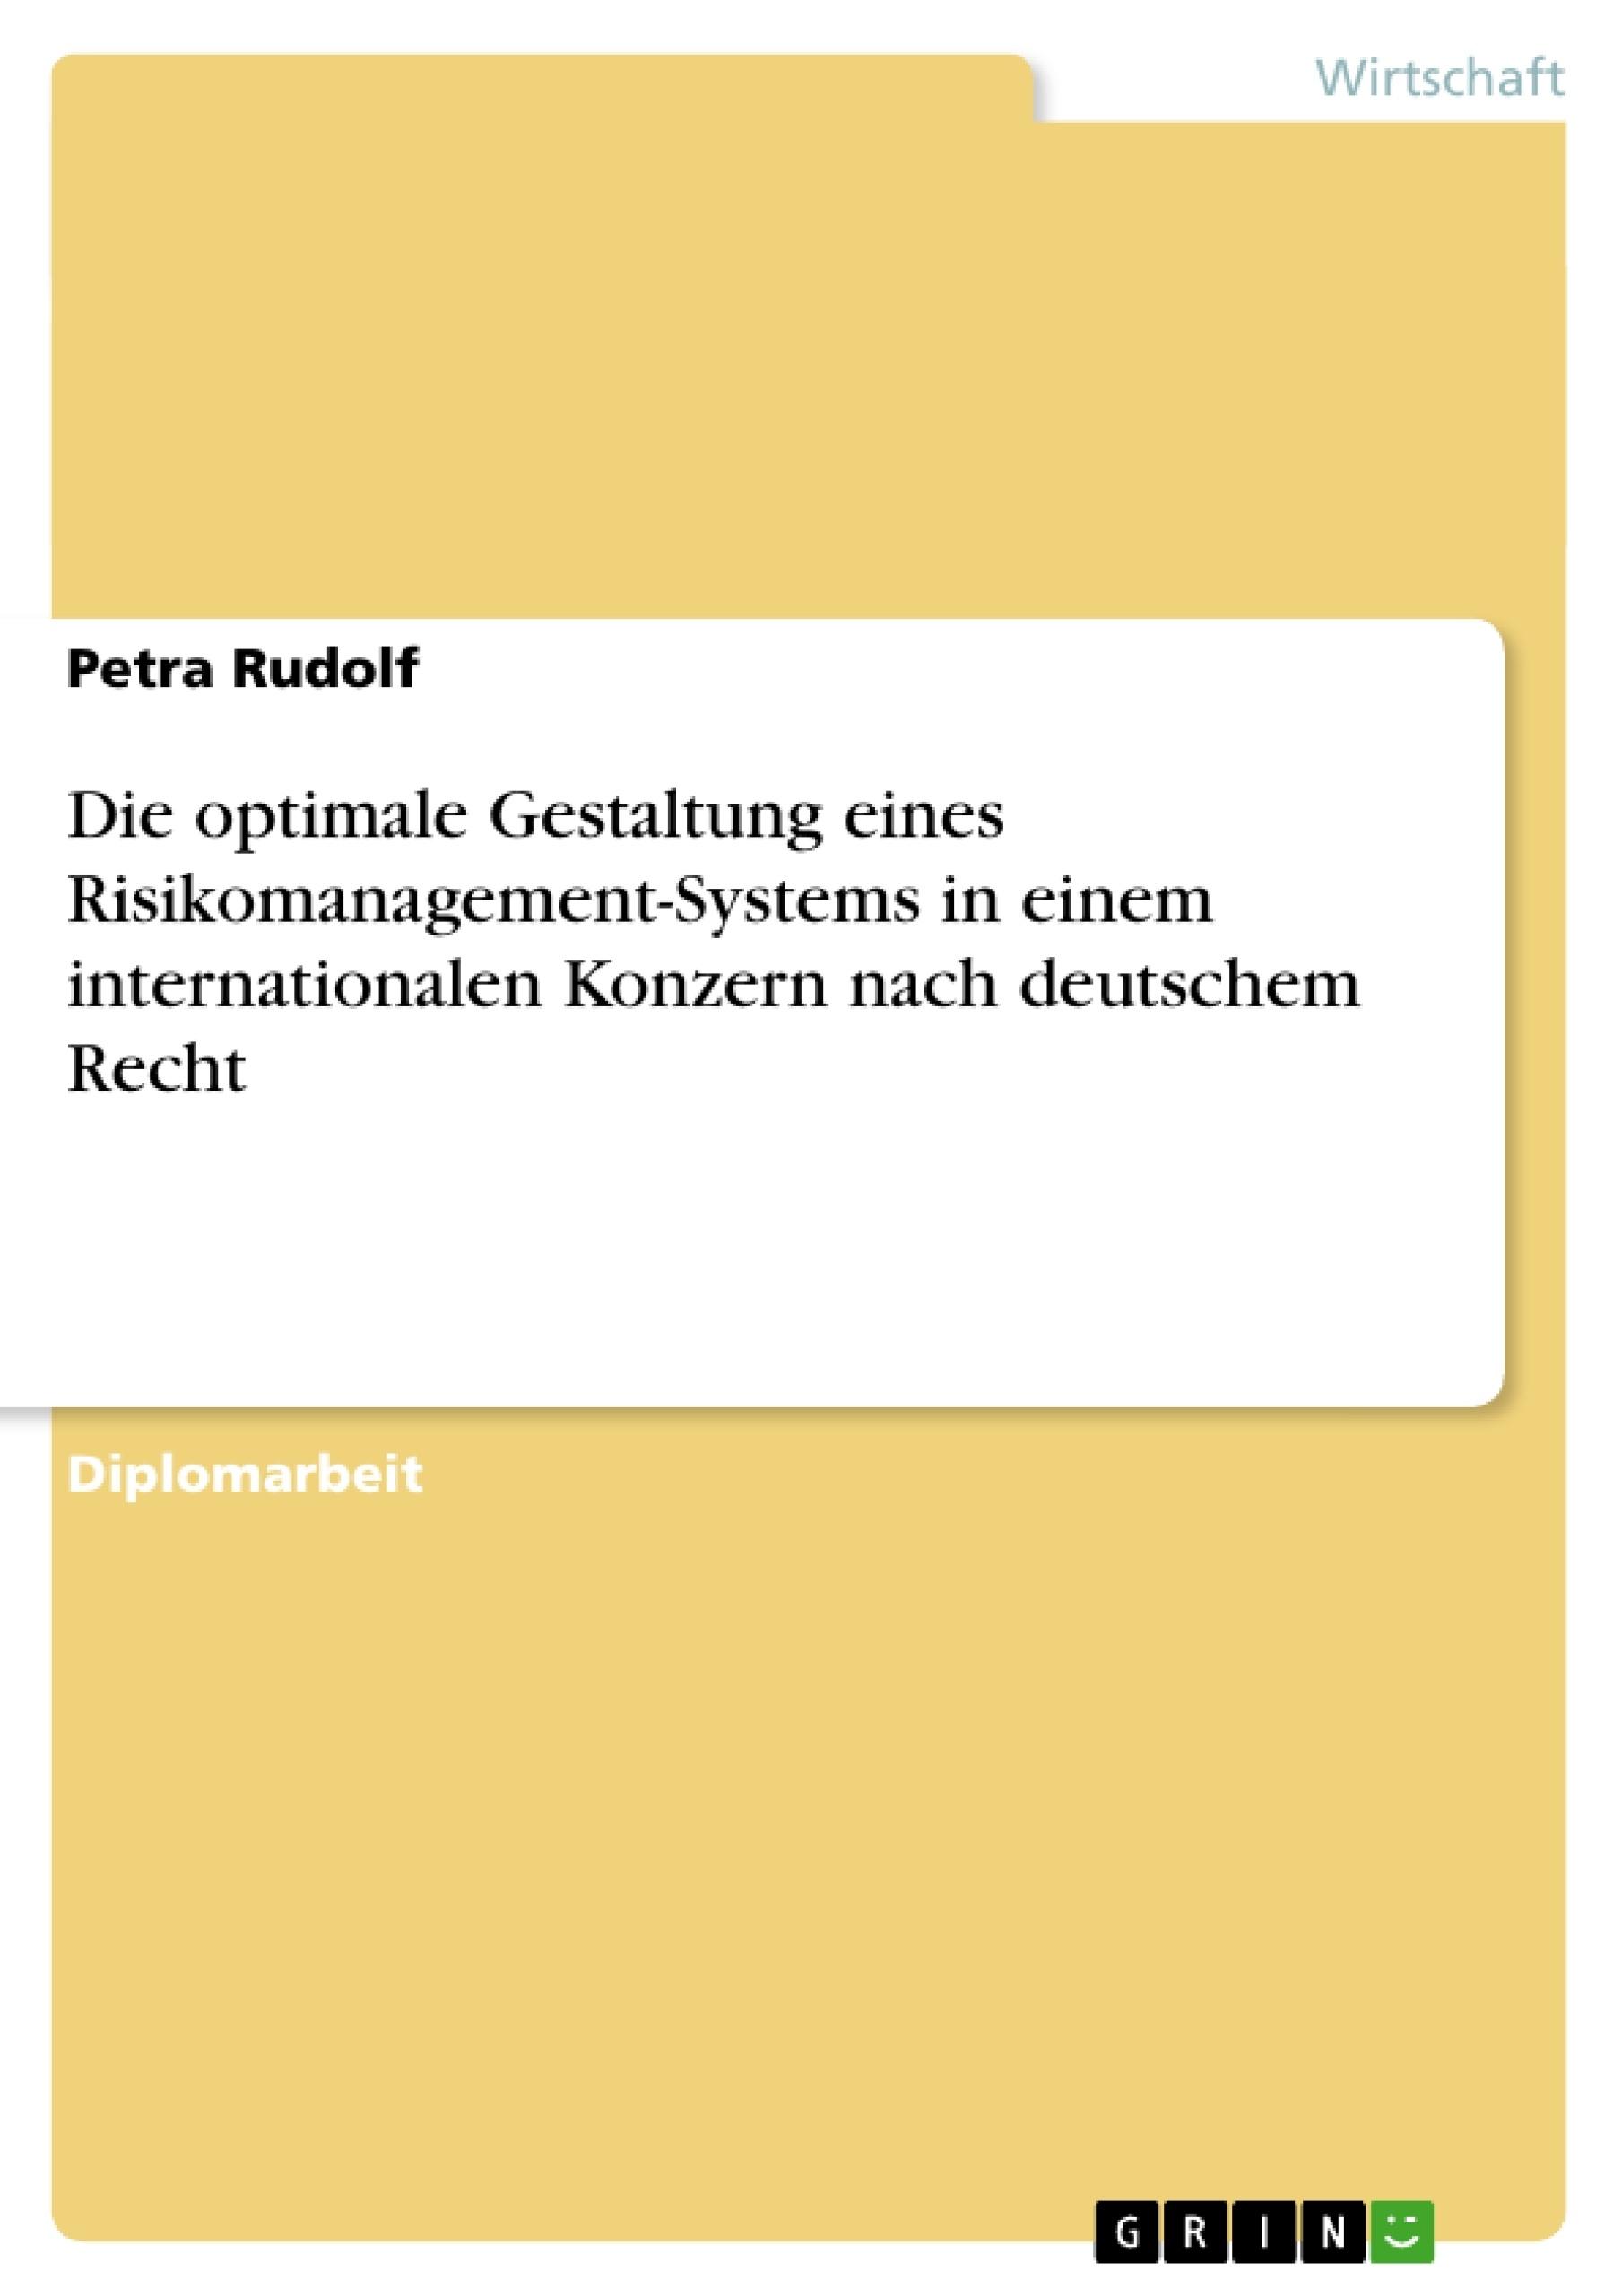 Titel: Die optimale Gestaltung eines Risikomanagement-Systems in einem internationalen Konzern nach deutschem Recht